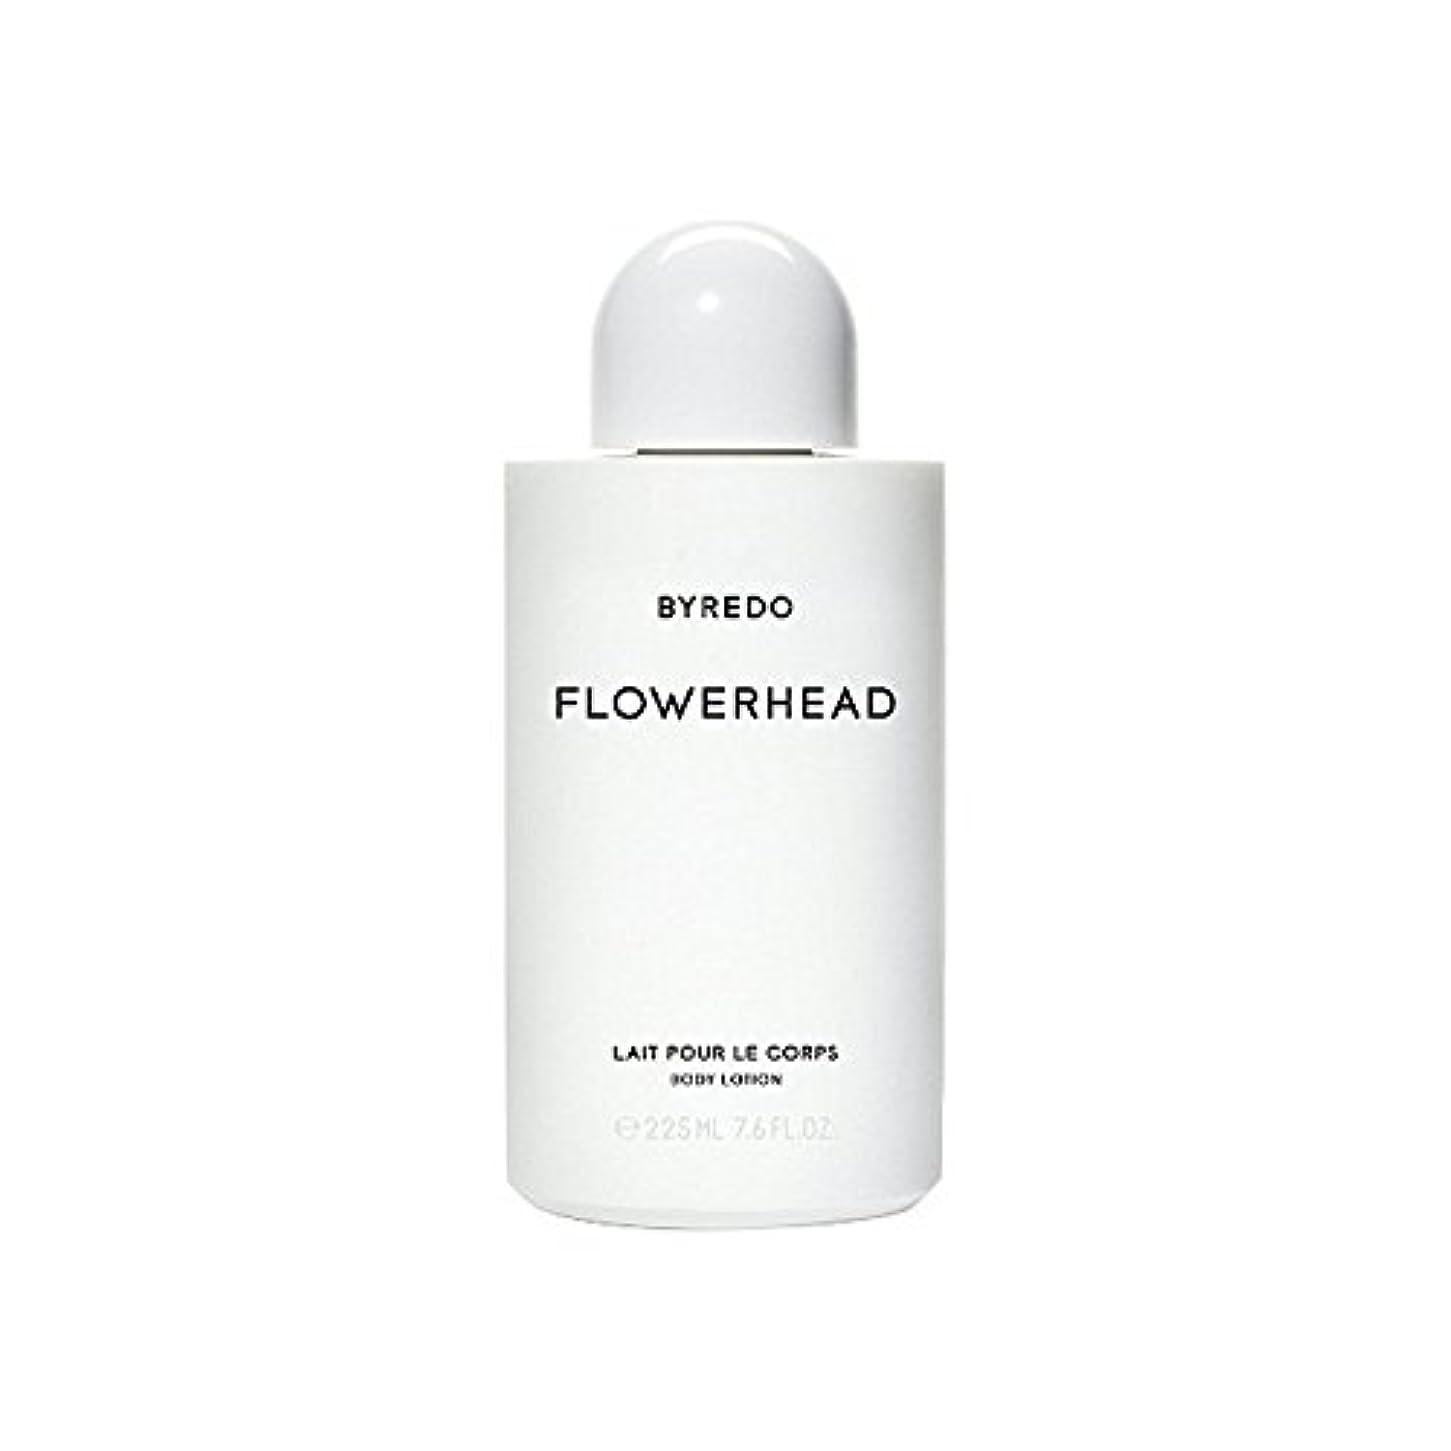 歯科の暗記するデザイナーボディローション225ミリリットル x4 - Byredo Flowerhead Body Lotion 225ml (Pack of 4) [並行輸入品]